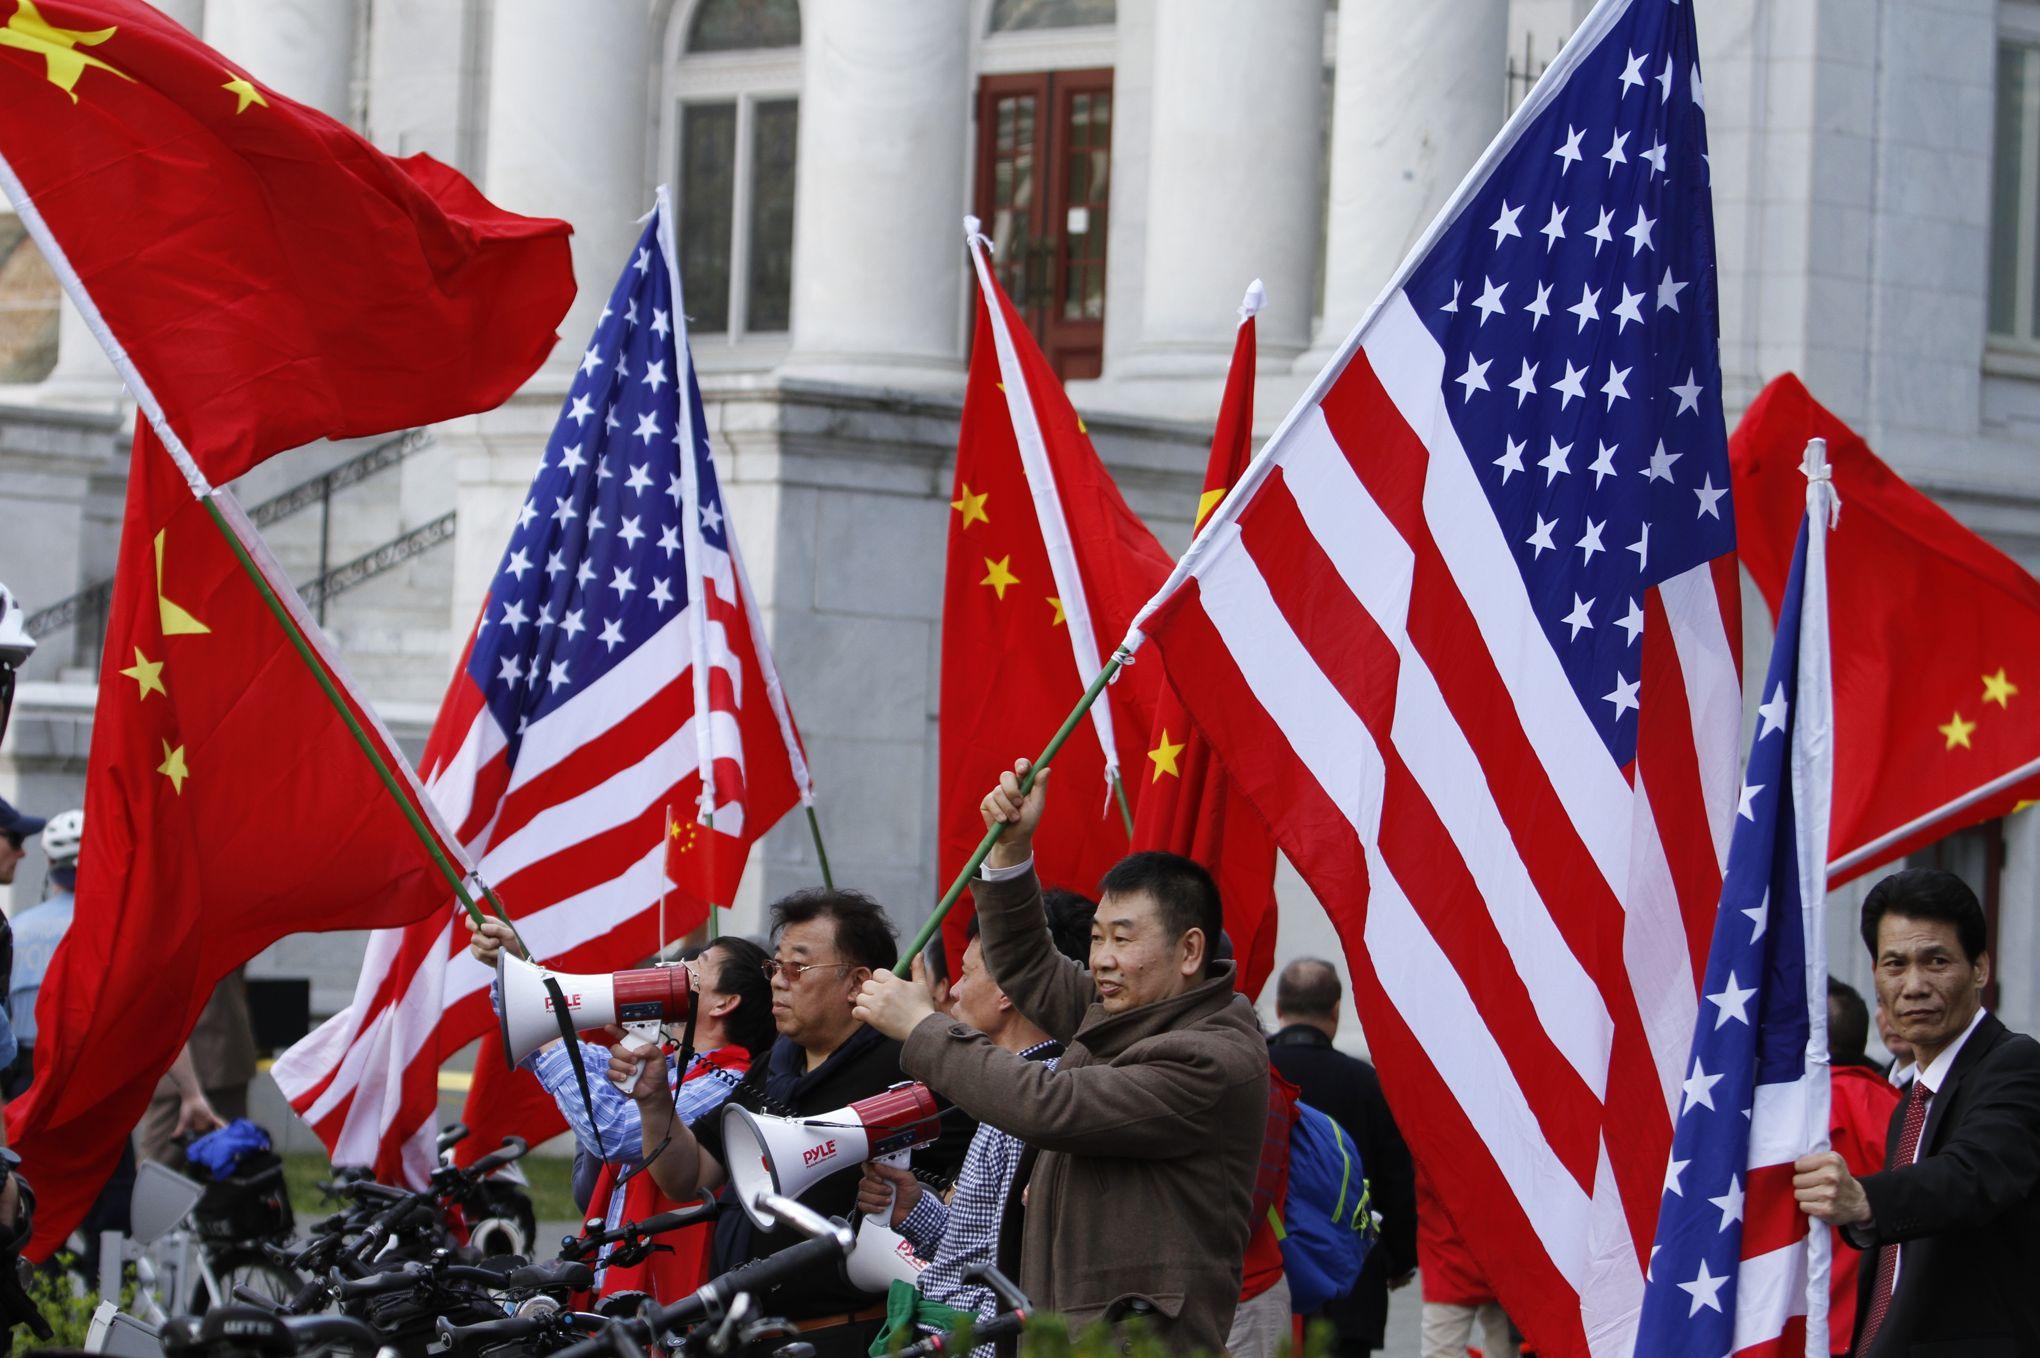 """Résultat de recherche d'images pour """"Pour les Européens, la Chine est la puissance économique dominante devant les États-Unis"""""""